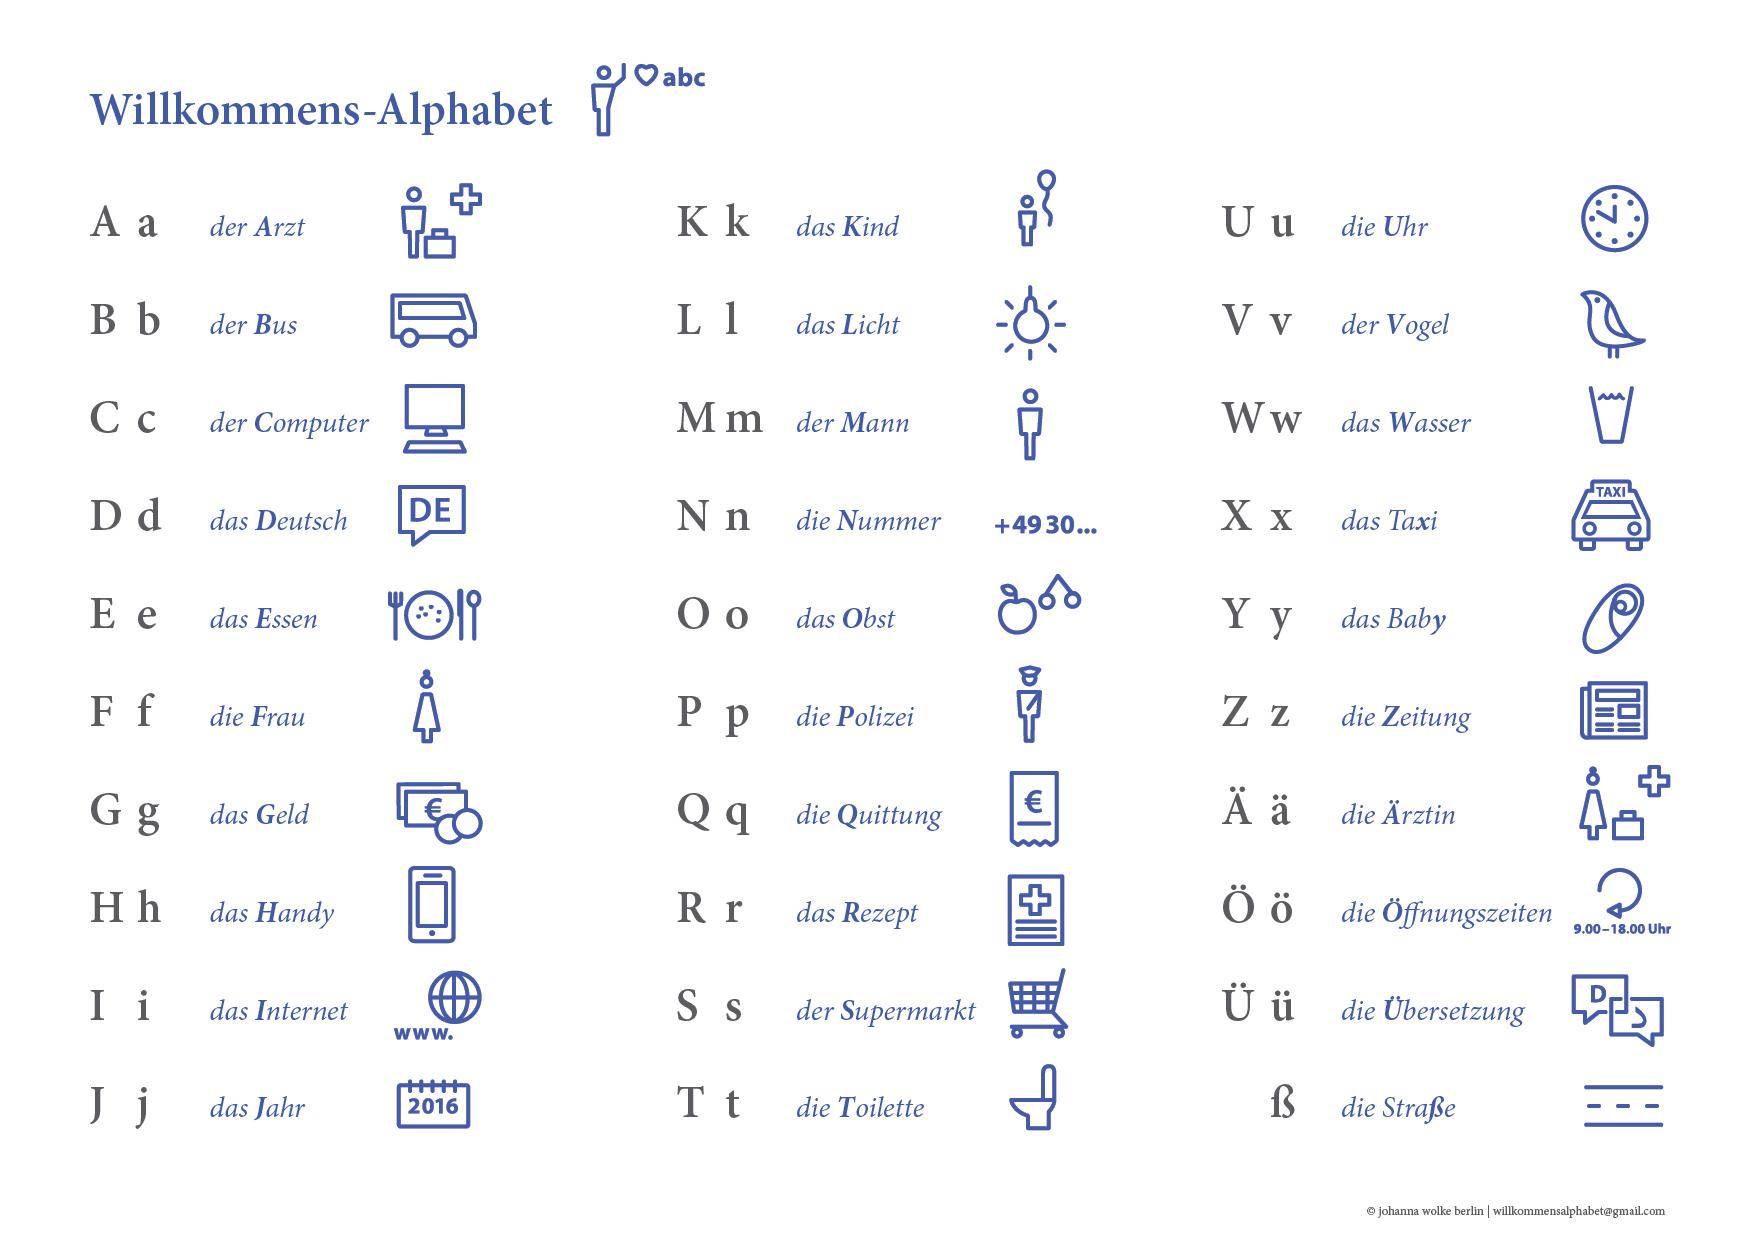 Neues Willkommens-Alphabet Mit Alltags-Piktogrammen - Daf bestimmt für Abc Alphabet Deutsch